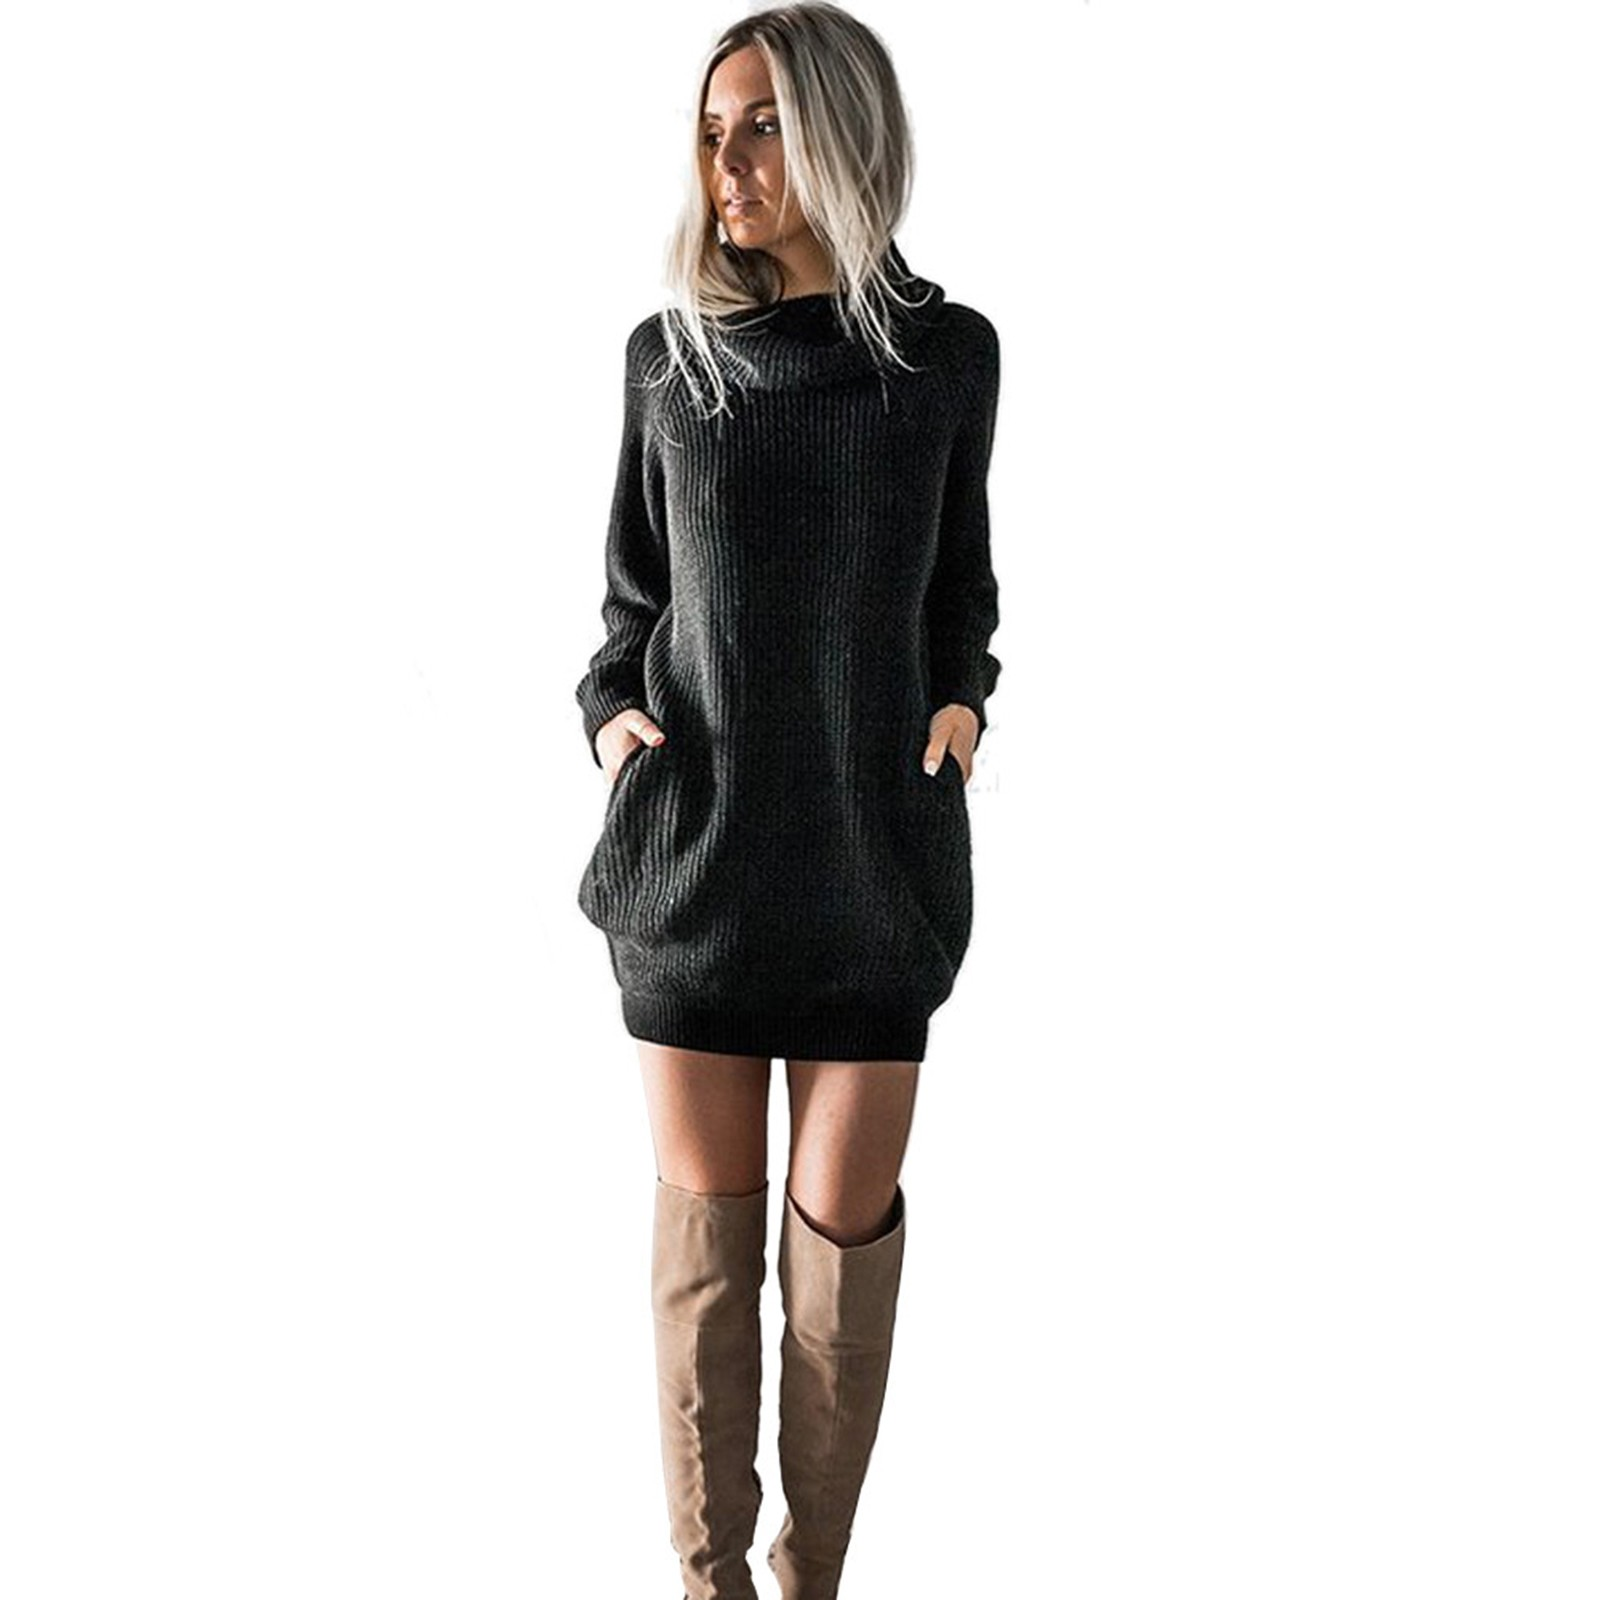 vestido de mujer Womens Long Sleeve Turtleneck Knitted Dress Roll Neck Jumper Dress Ladies Mini femme